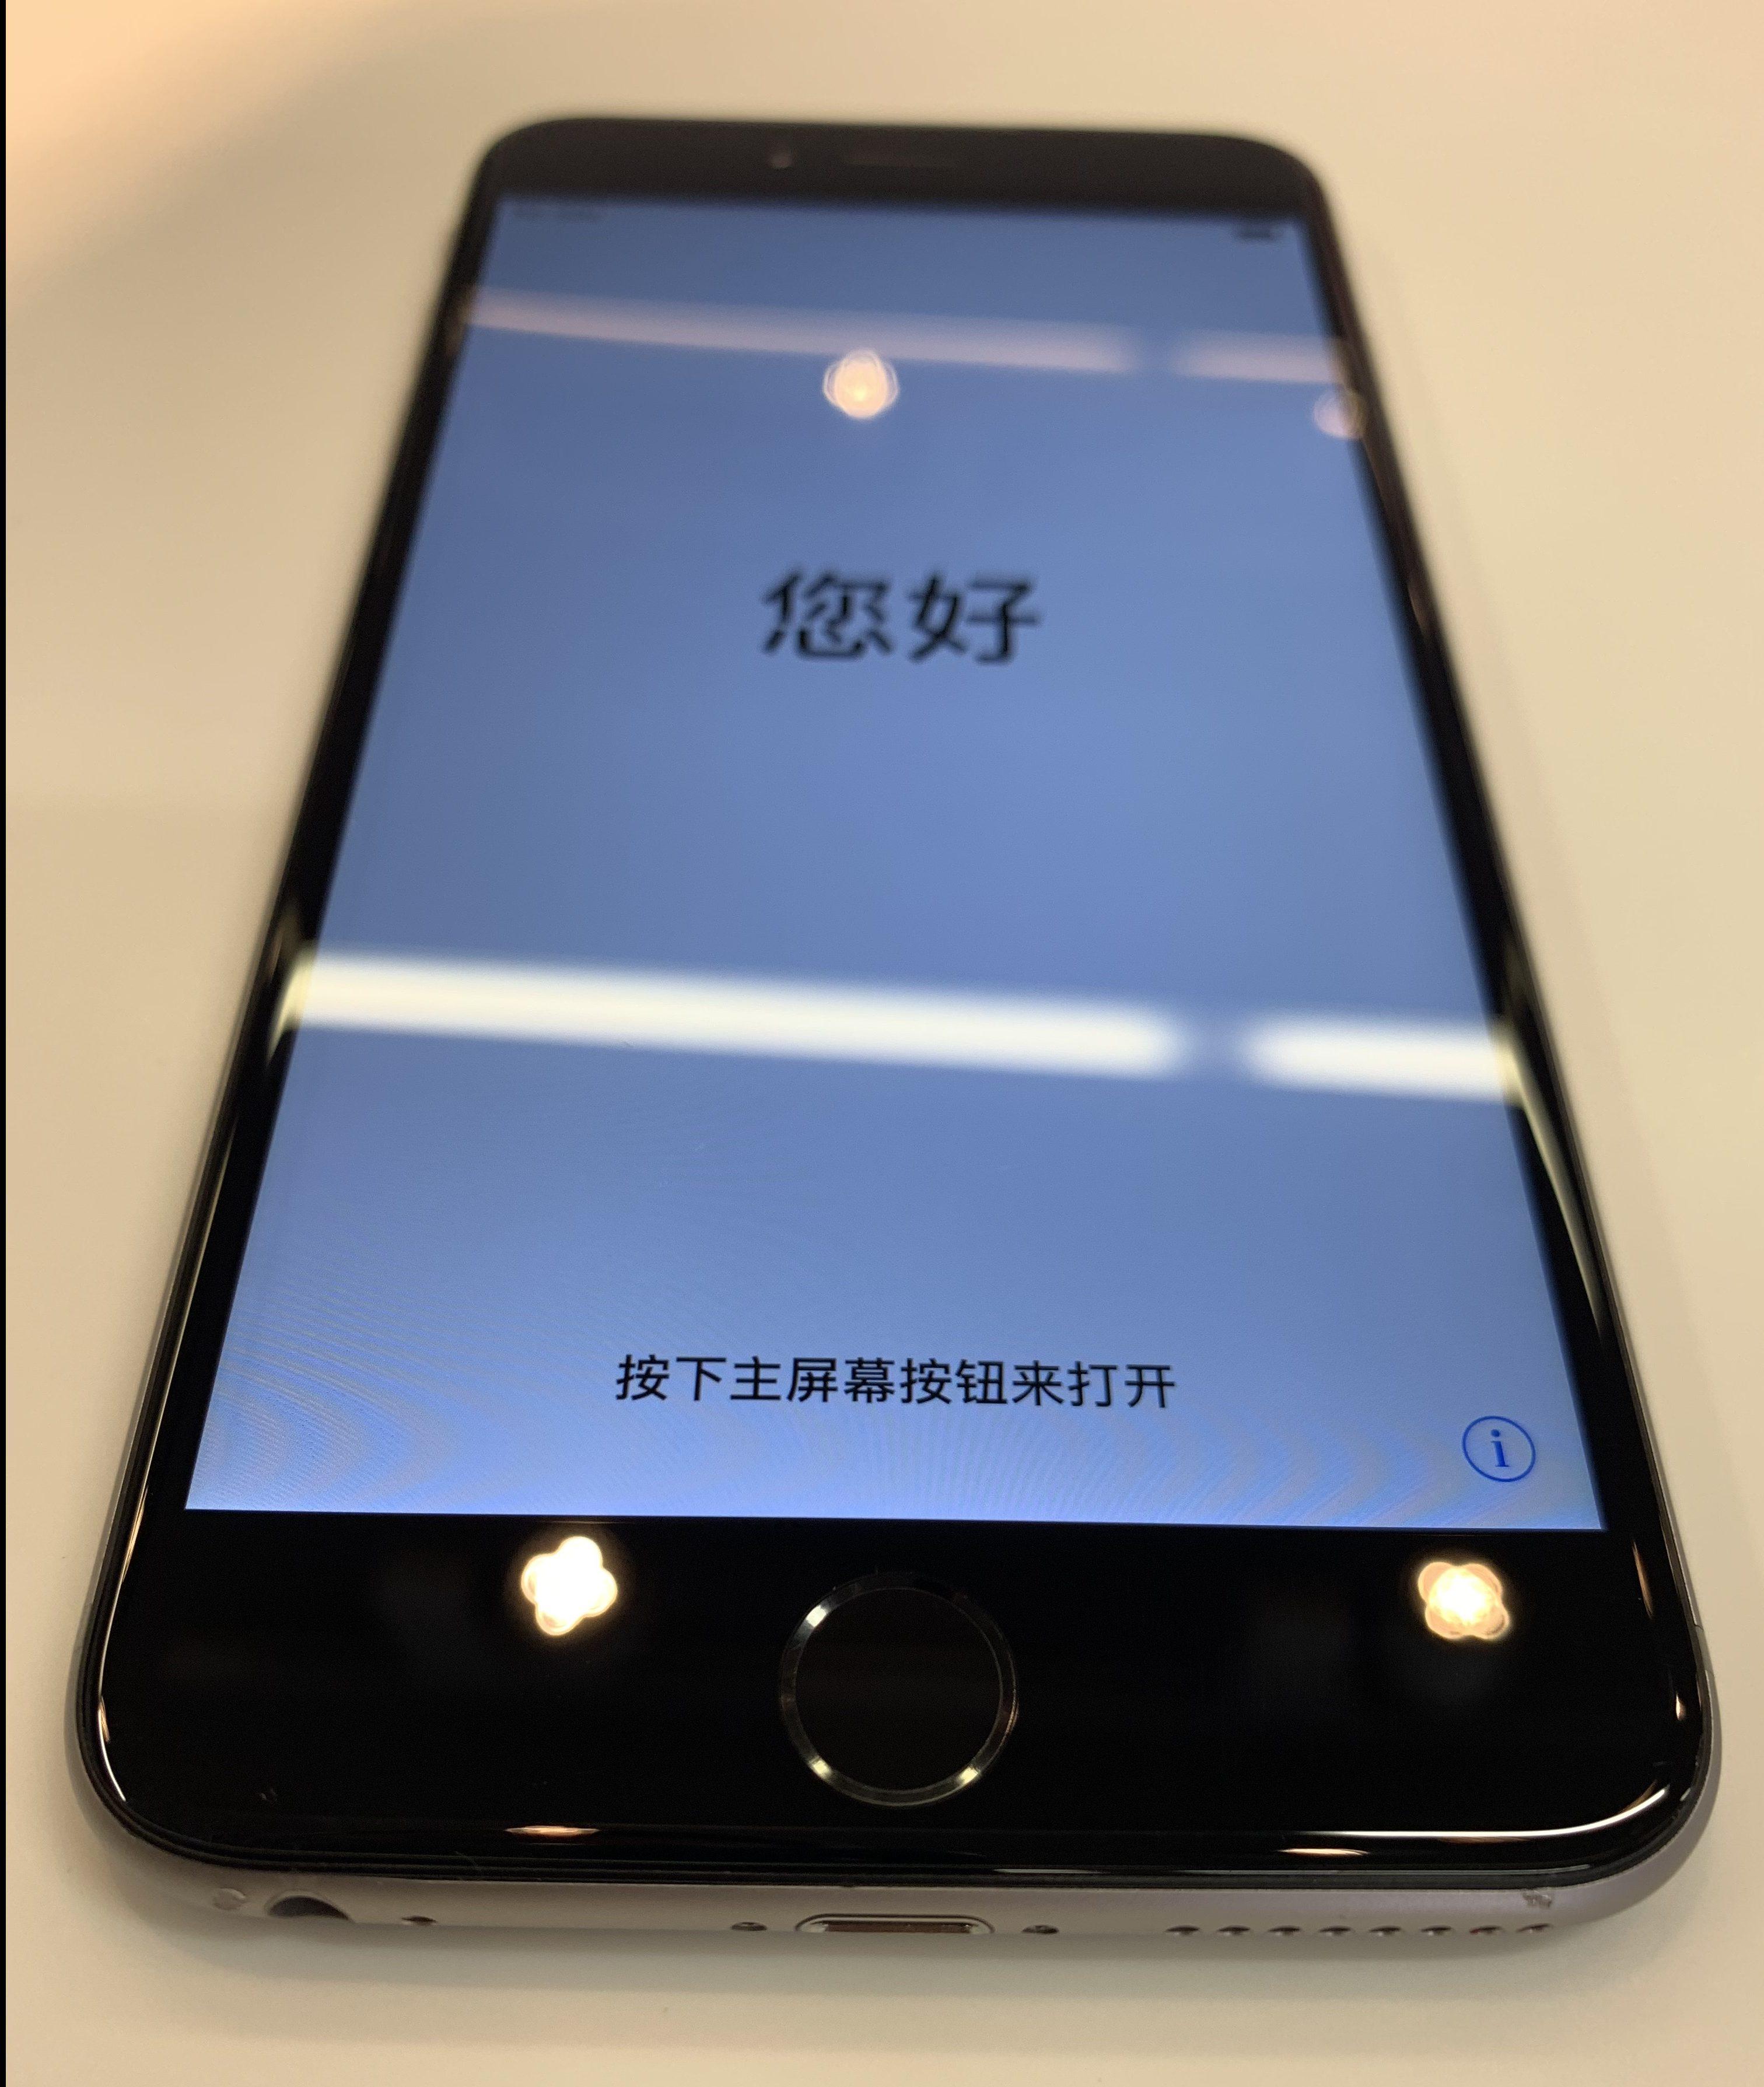 iPhone 6 Plus 16GB, 16 GB, Space Gray, imagen 1